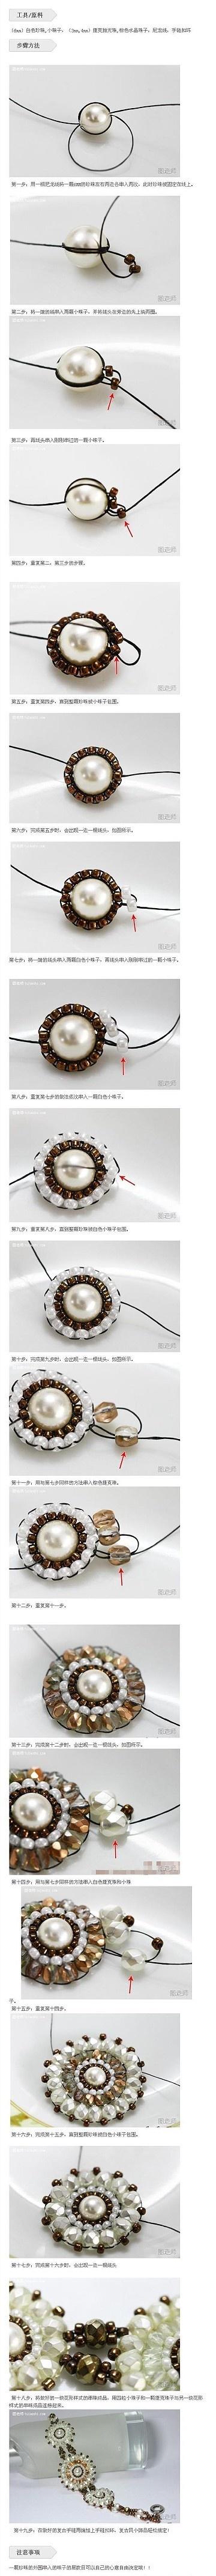 #howtomake a beautiful beaded bracelet!   #comefare un braccialetto di perline stupendo!   #DIY #bracelet #faidate